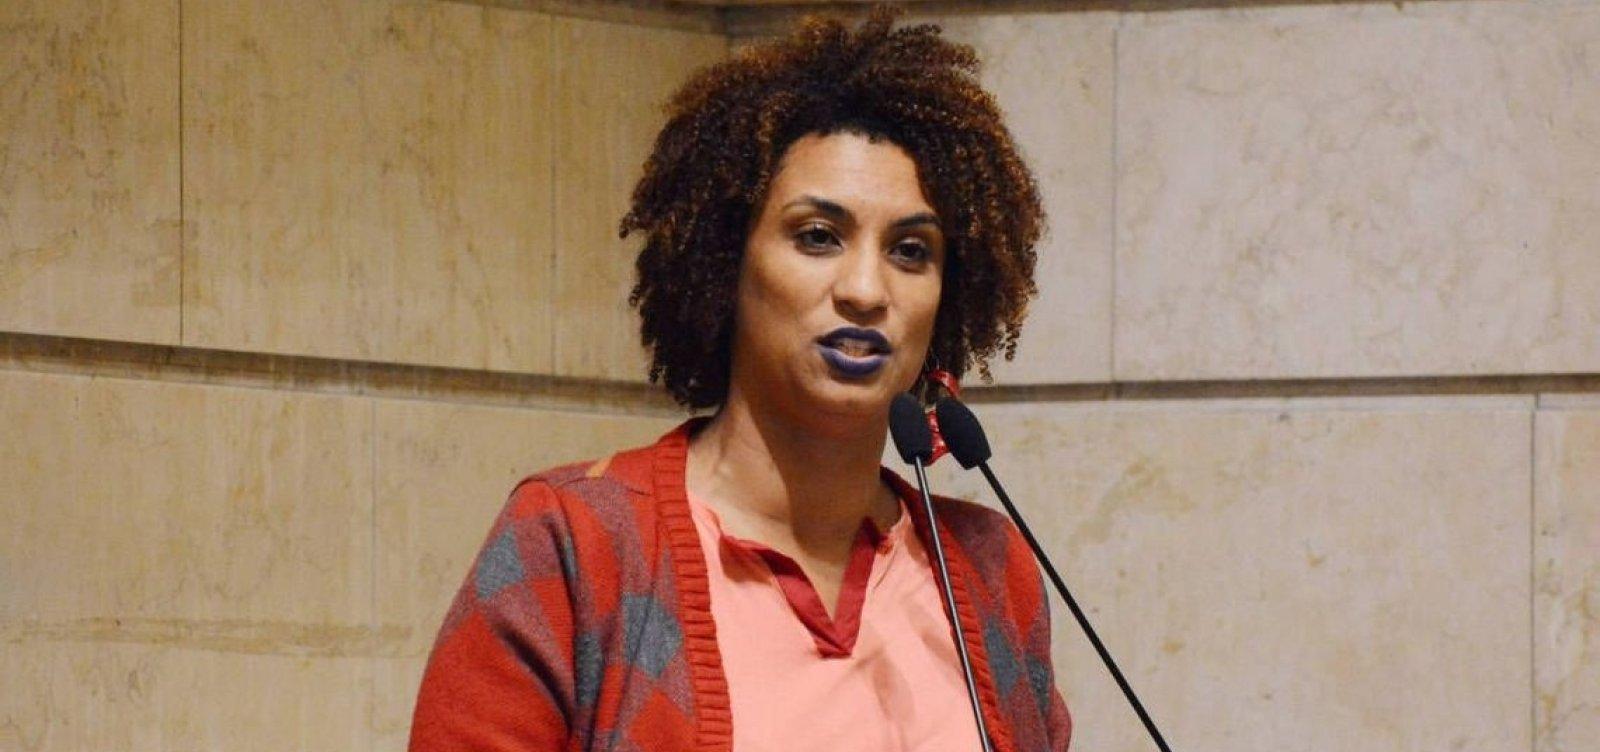 Conselheiro do TCE-RJ 'arquitetou homicídio' de Marielle Franco, aponta PGR